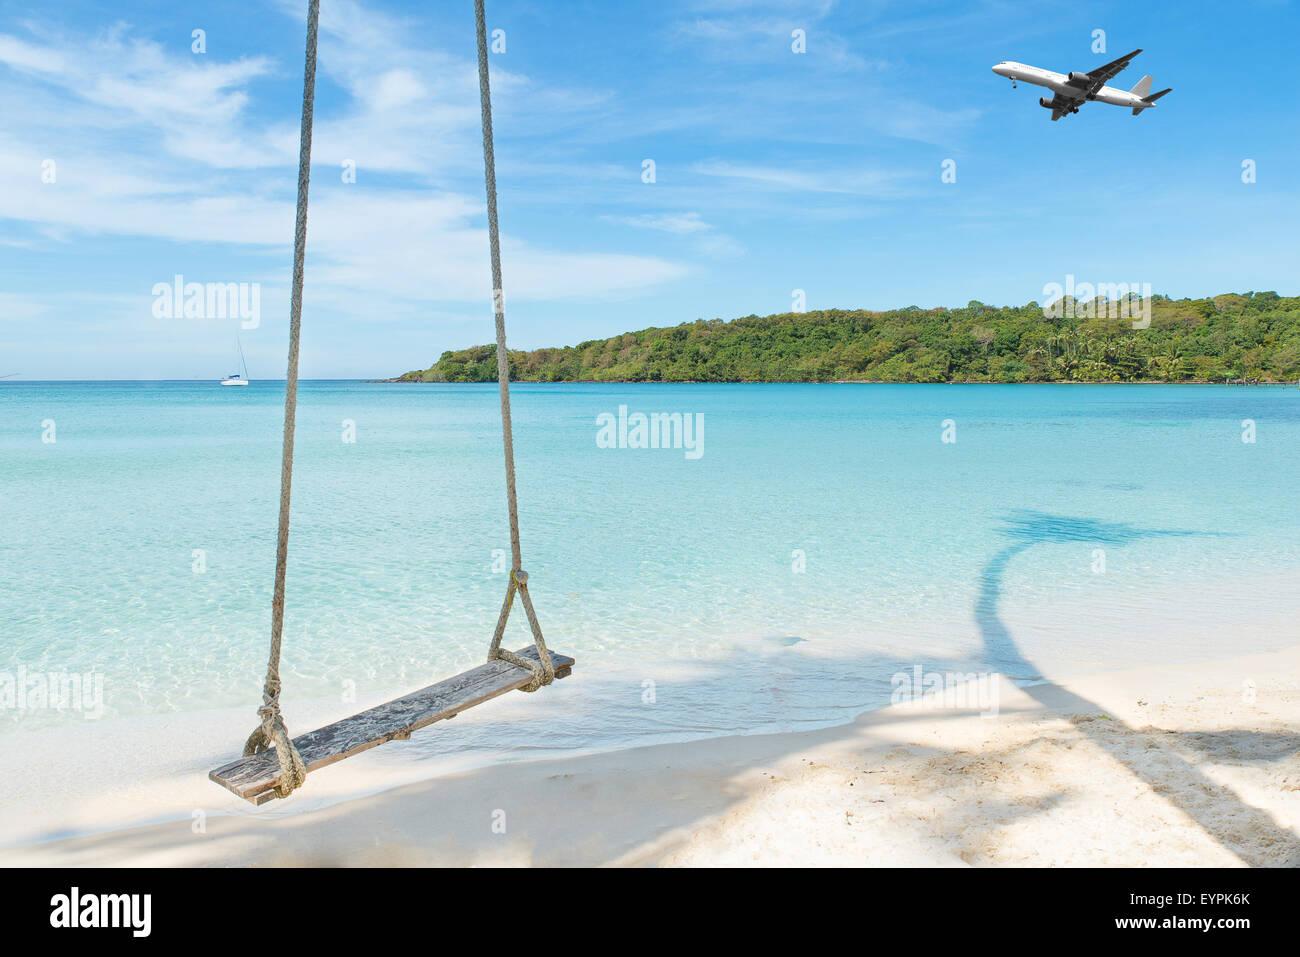 Estate, Viaggi, vacanze e concetto di vacanza - aereo arrivando spiaggia tropicale mare in Phuket ,Thailandia. Immagini Stock